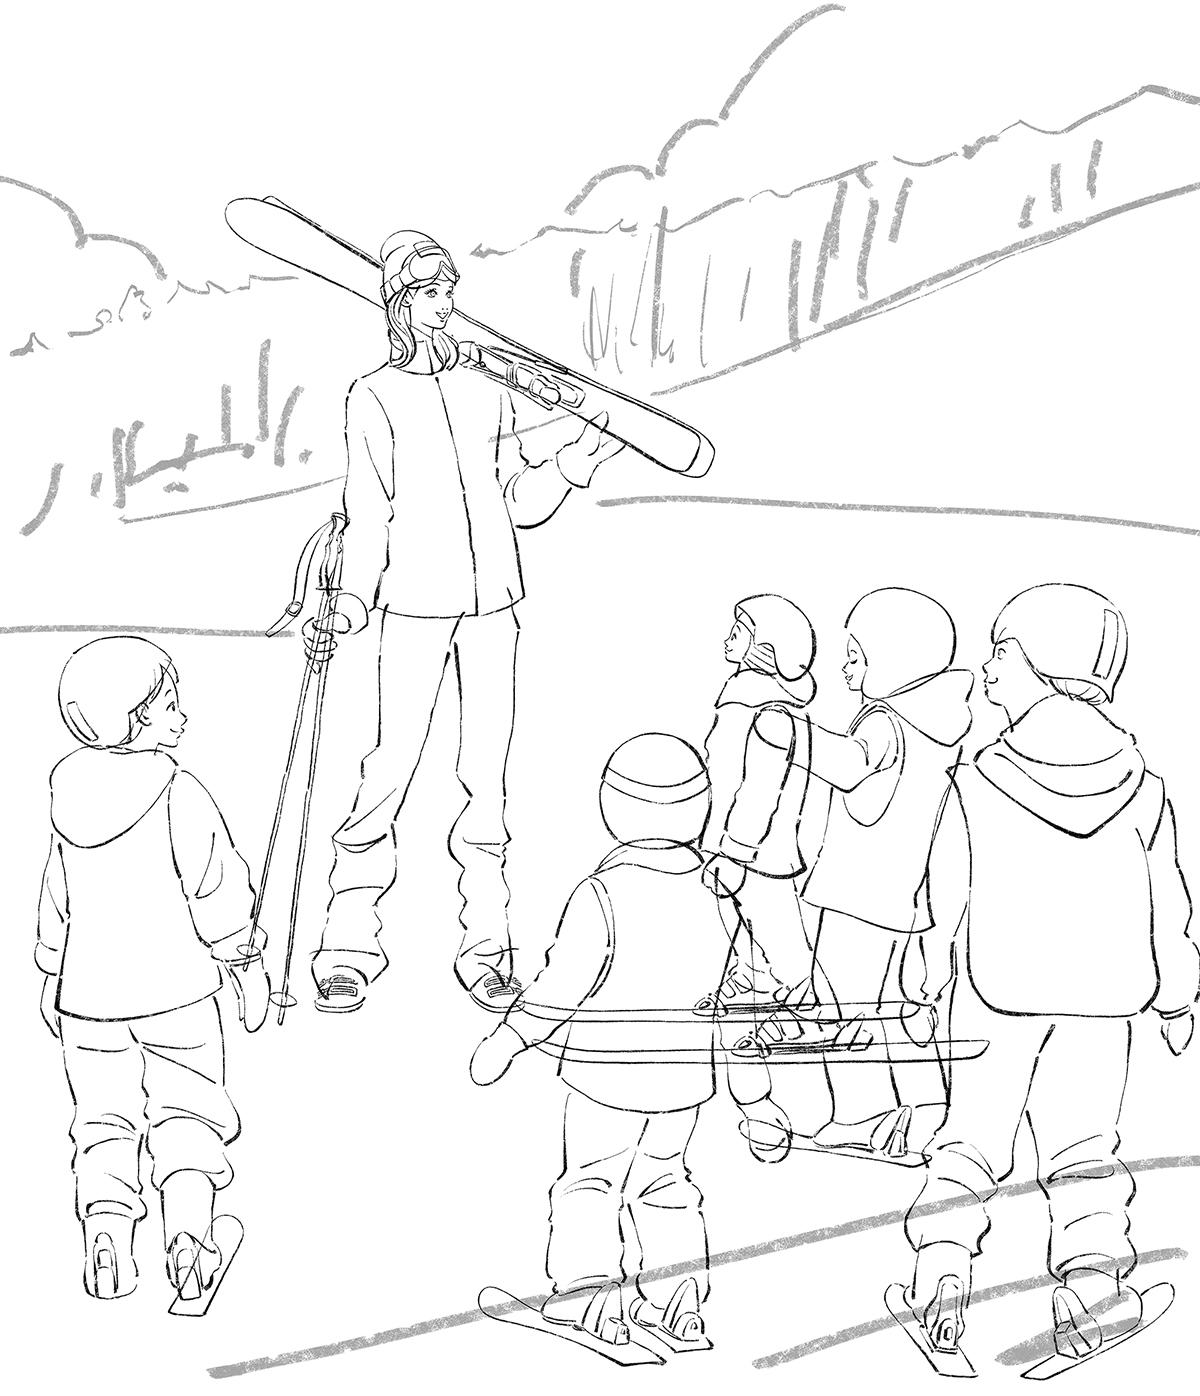 スキー教室で教える女性のイラスト